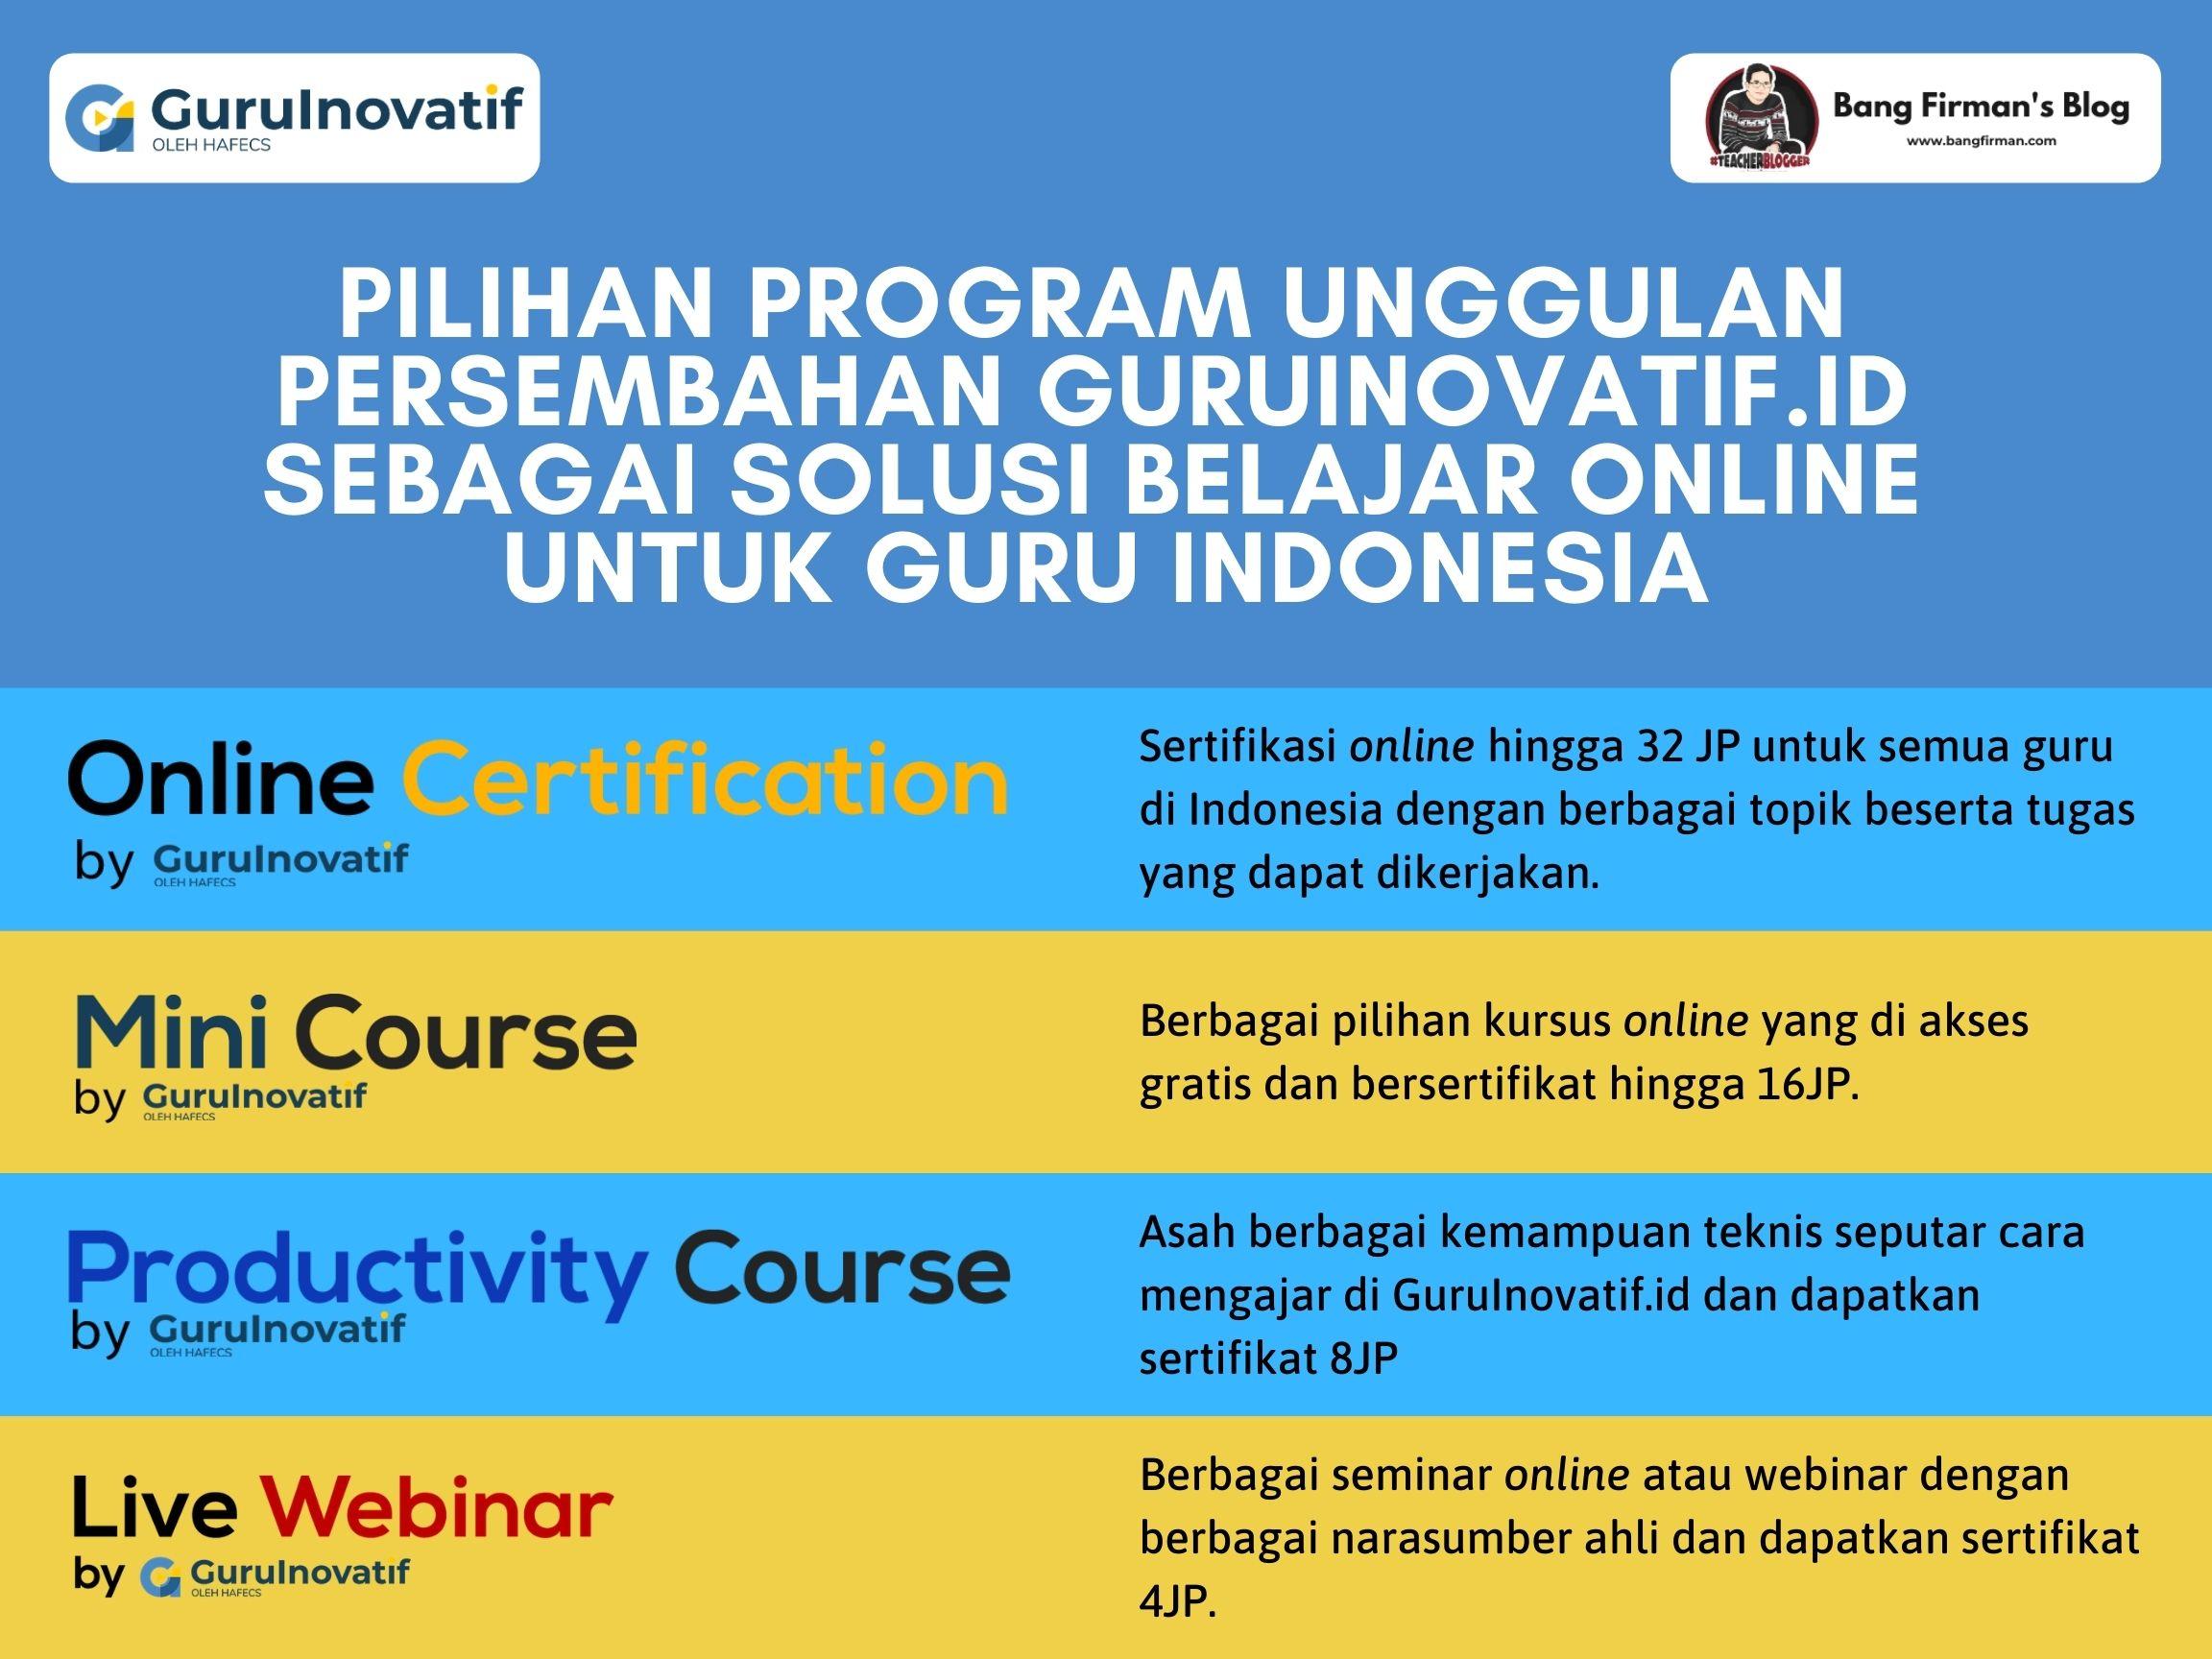 Gambar Blog GuruInovatif 3 Fix